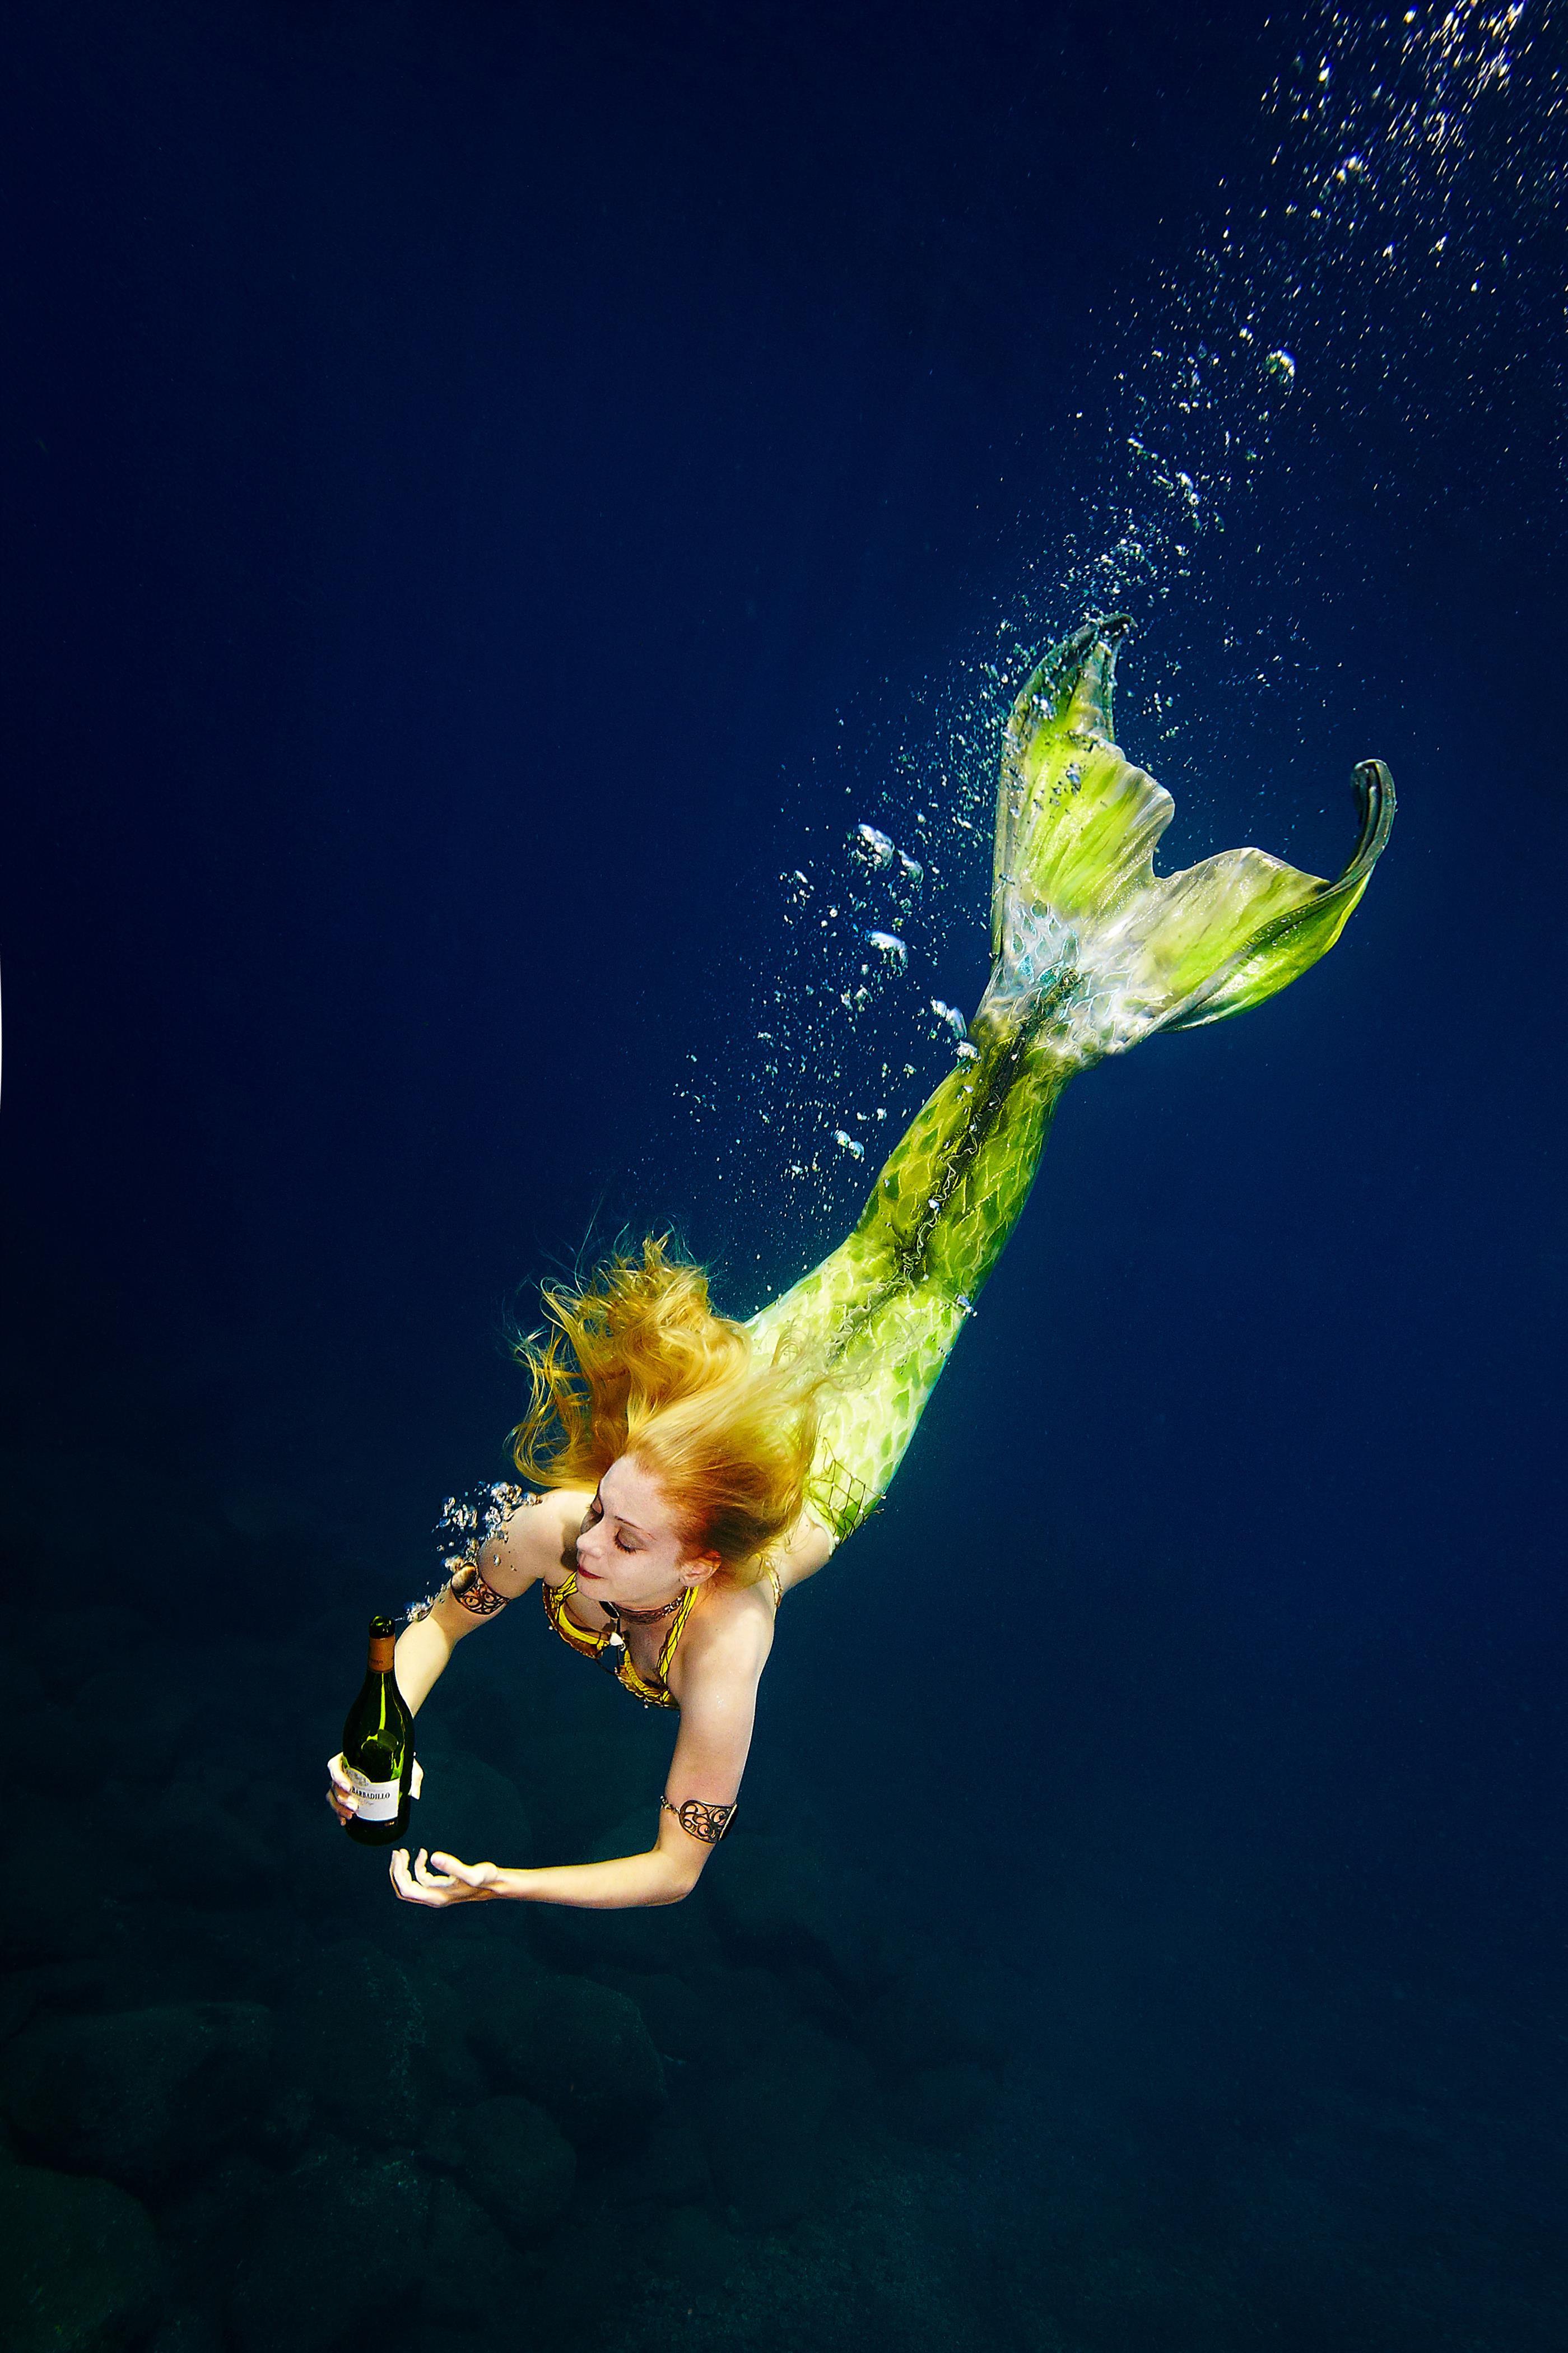 Mermaid Daniela Rodler four PIC Andreas Scholer